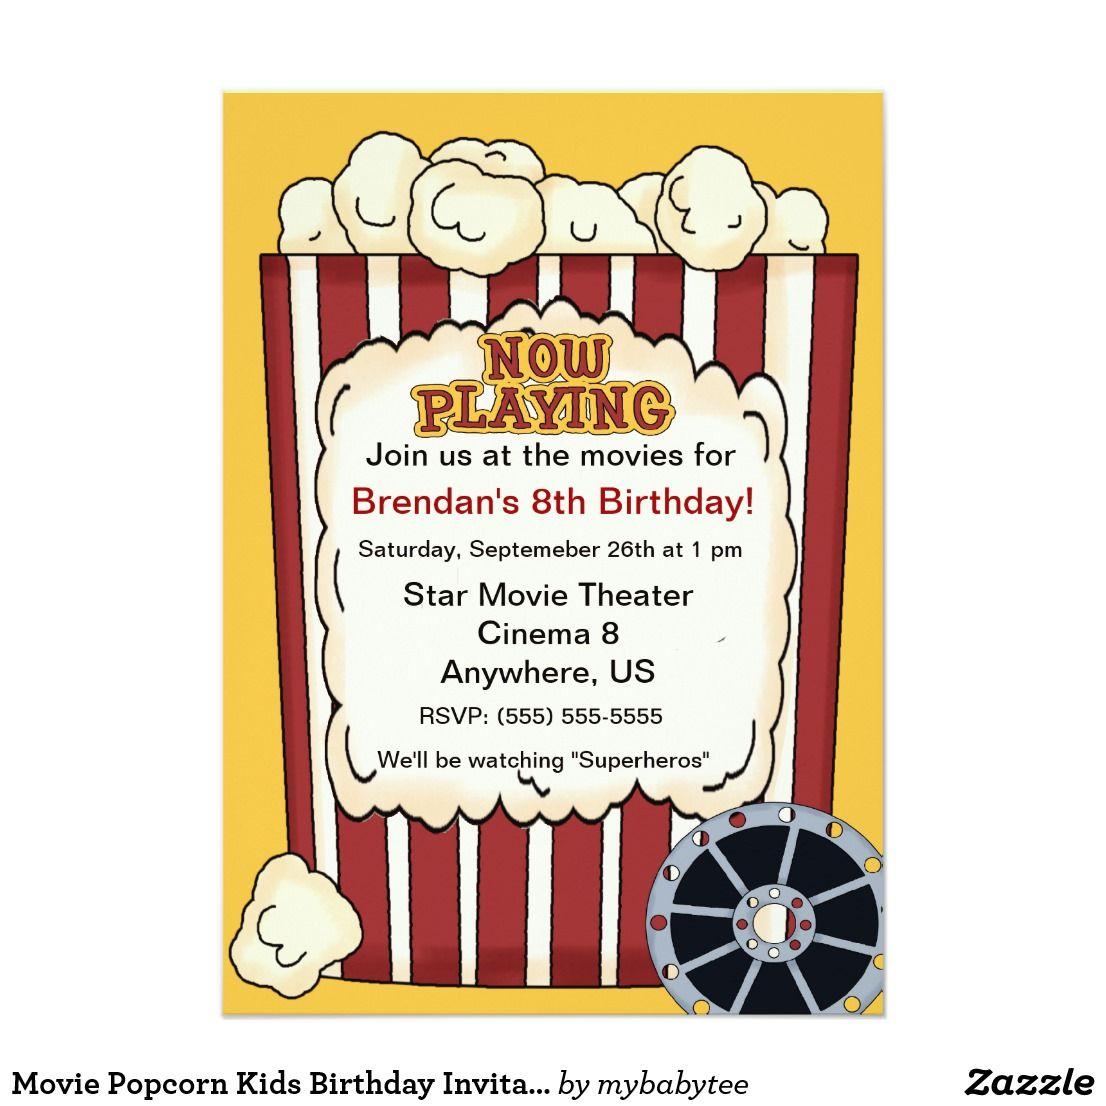 Movie Popcorn Kids Birthday Invitation | Take me to the drive-in ...